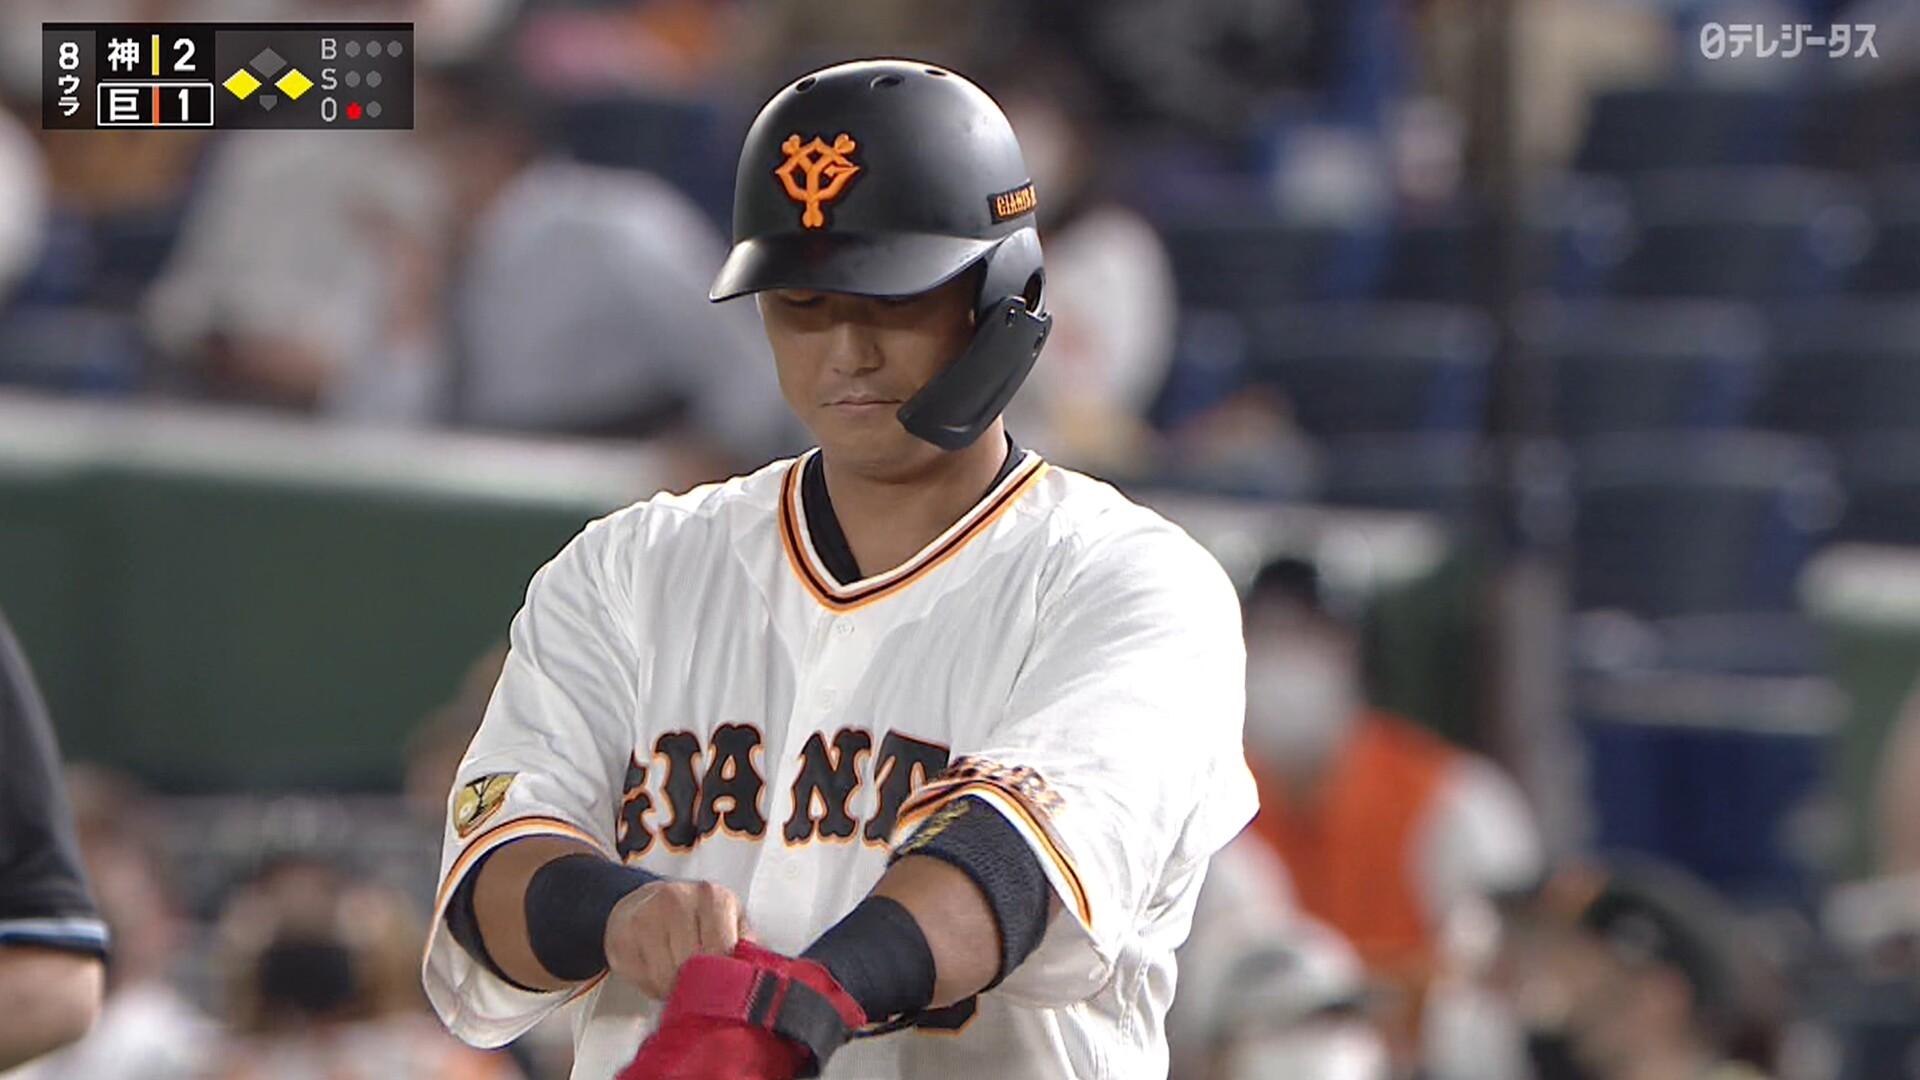 中田翔、チャンスを広げるヒットを放ちガッツポーズwwww